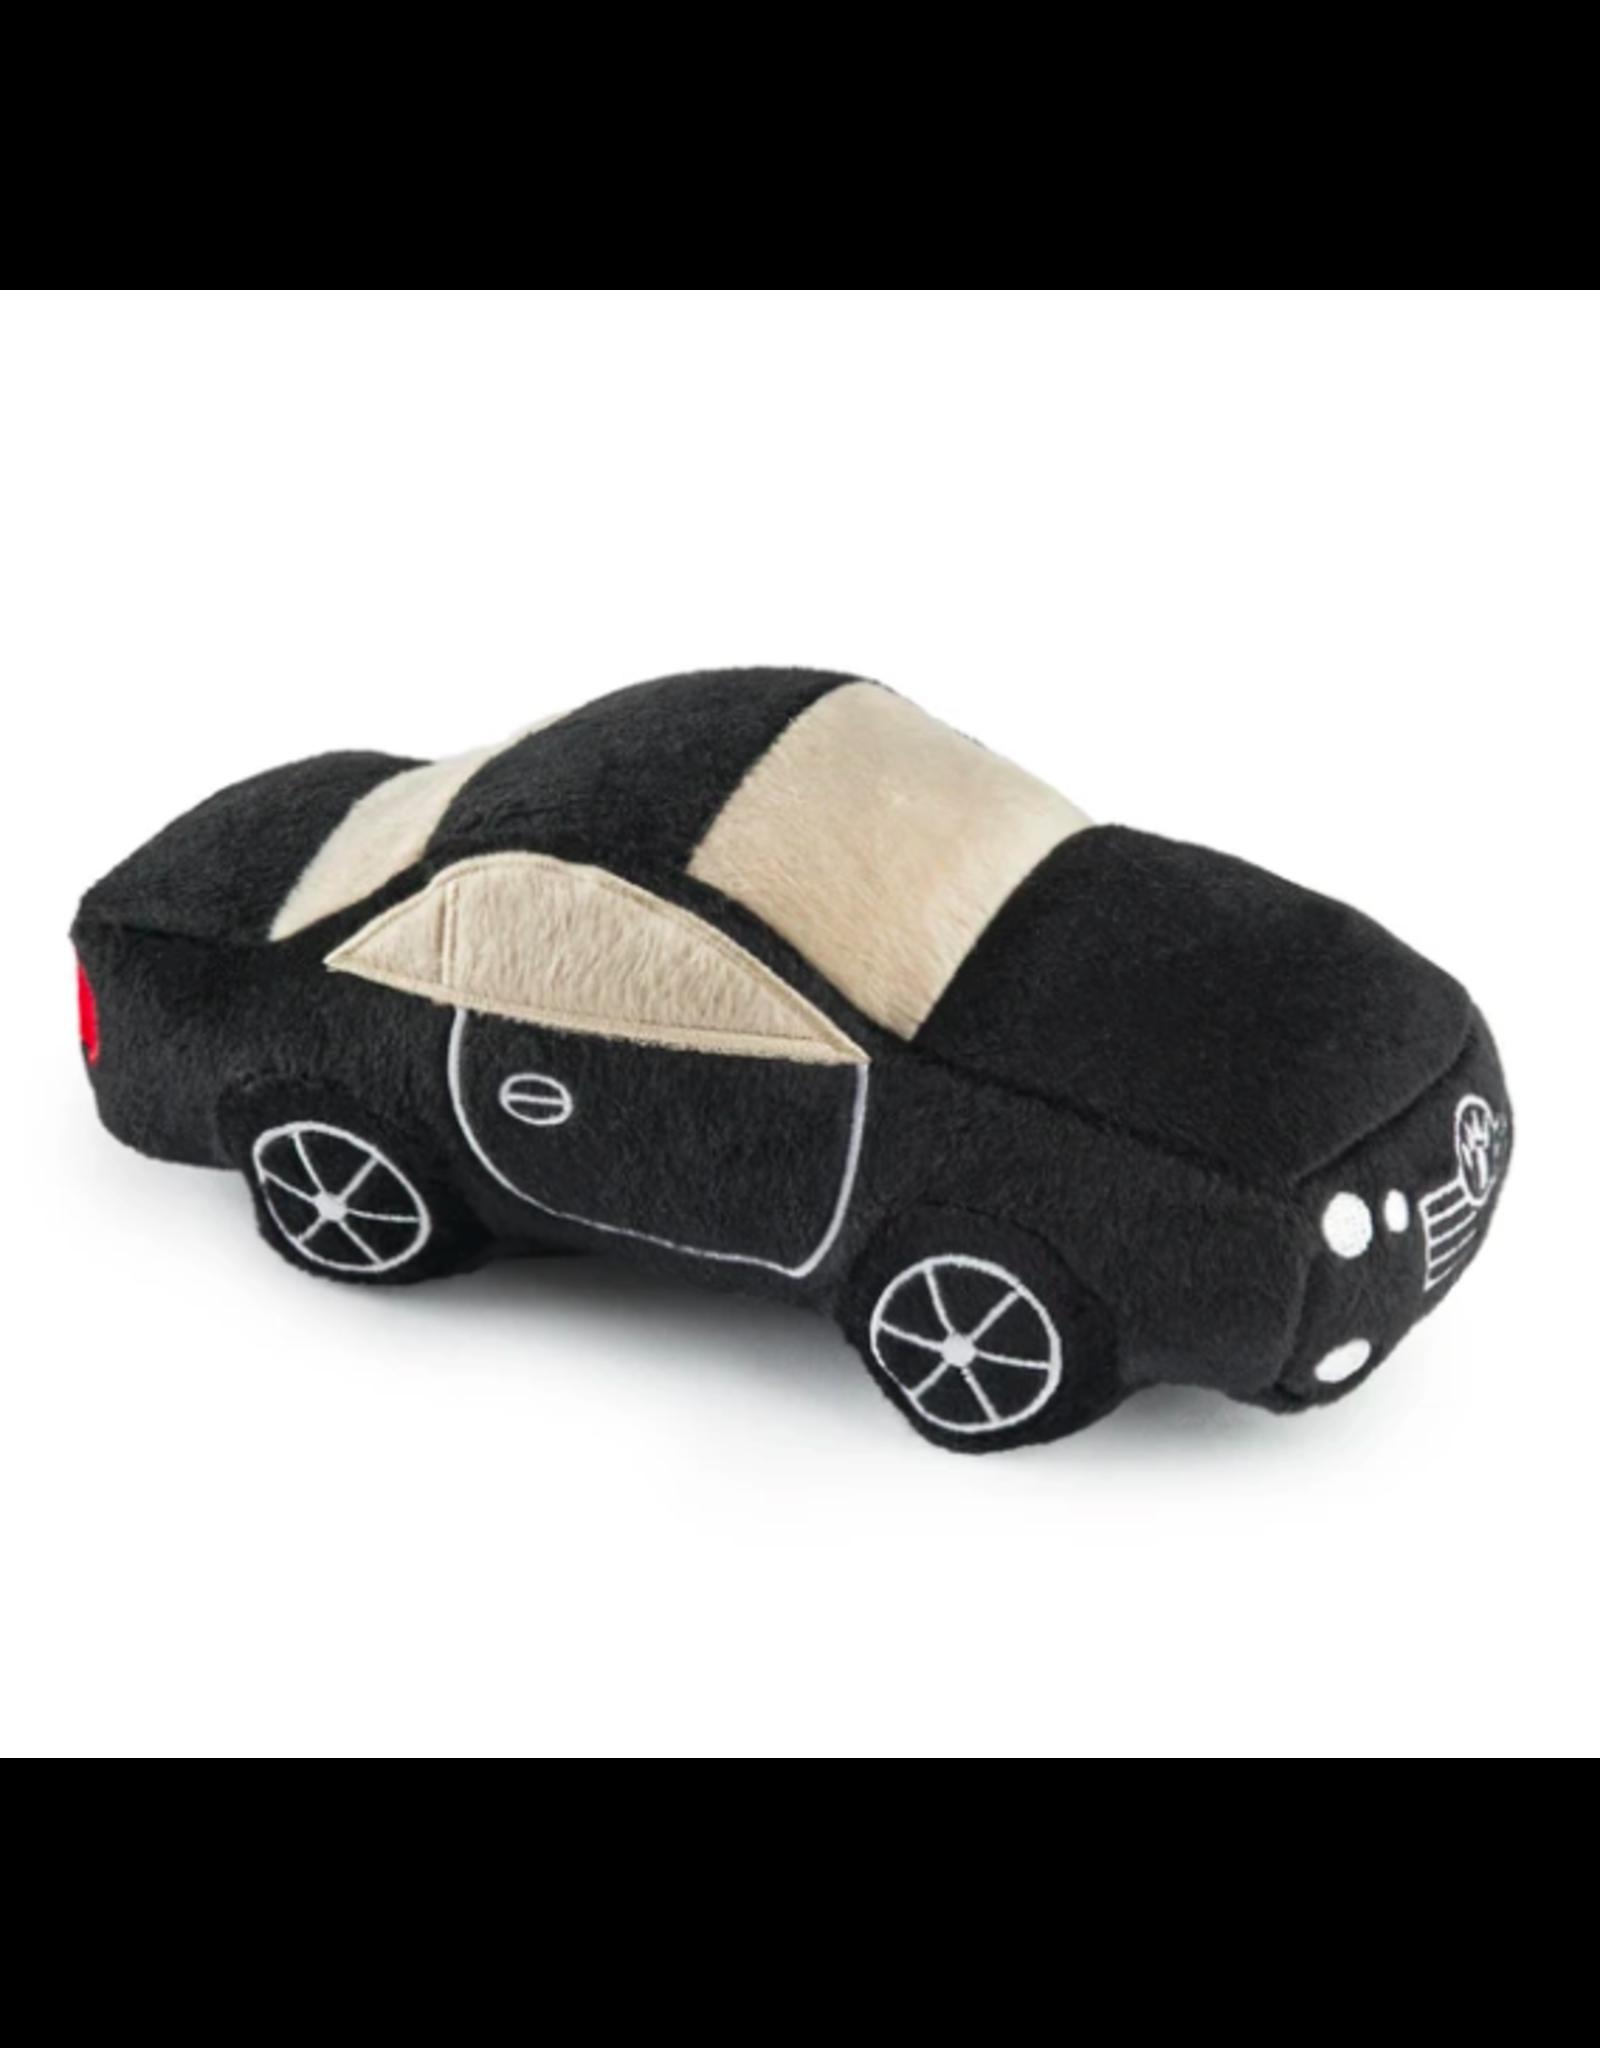 Haute Diggity Dog Furcedes Car Dog Toy